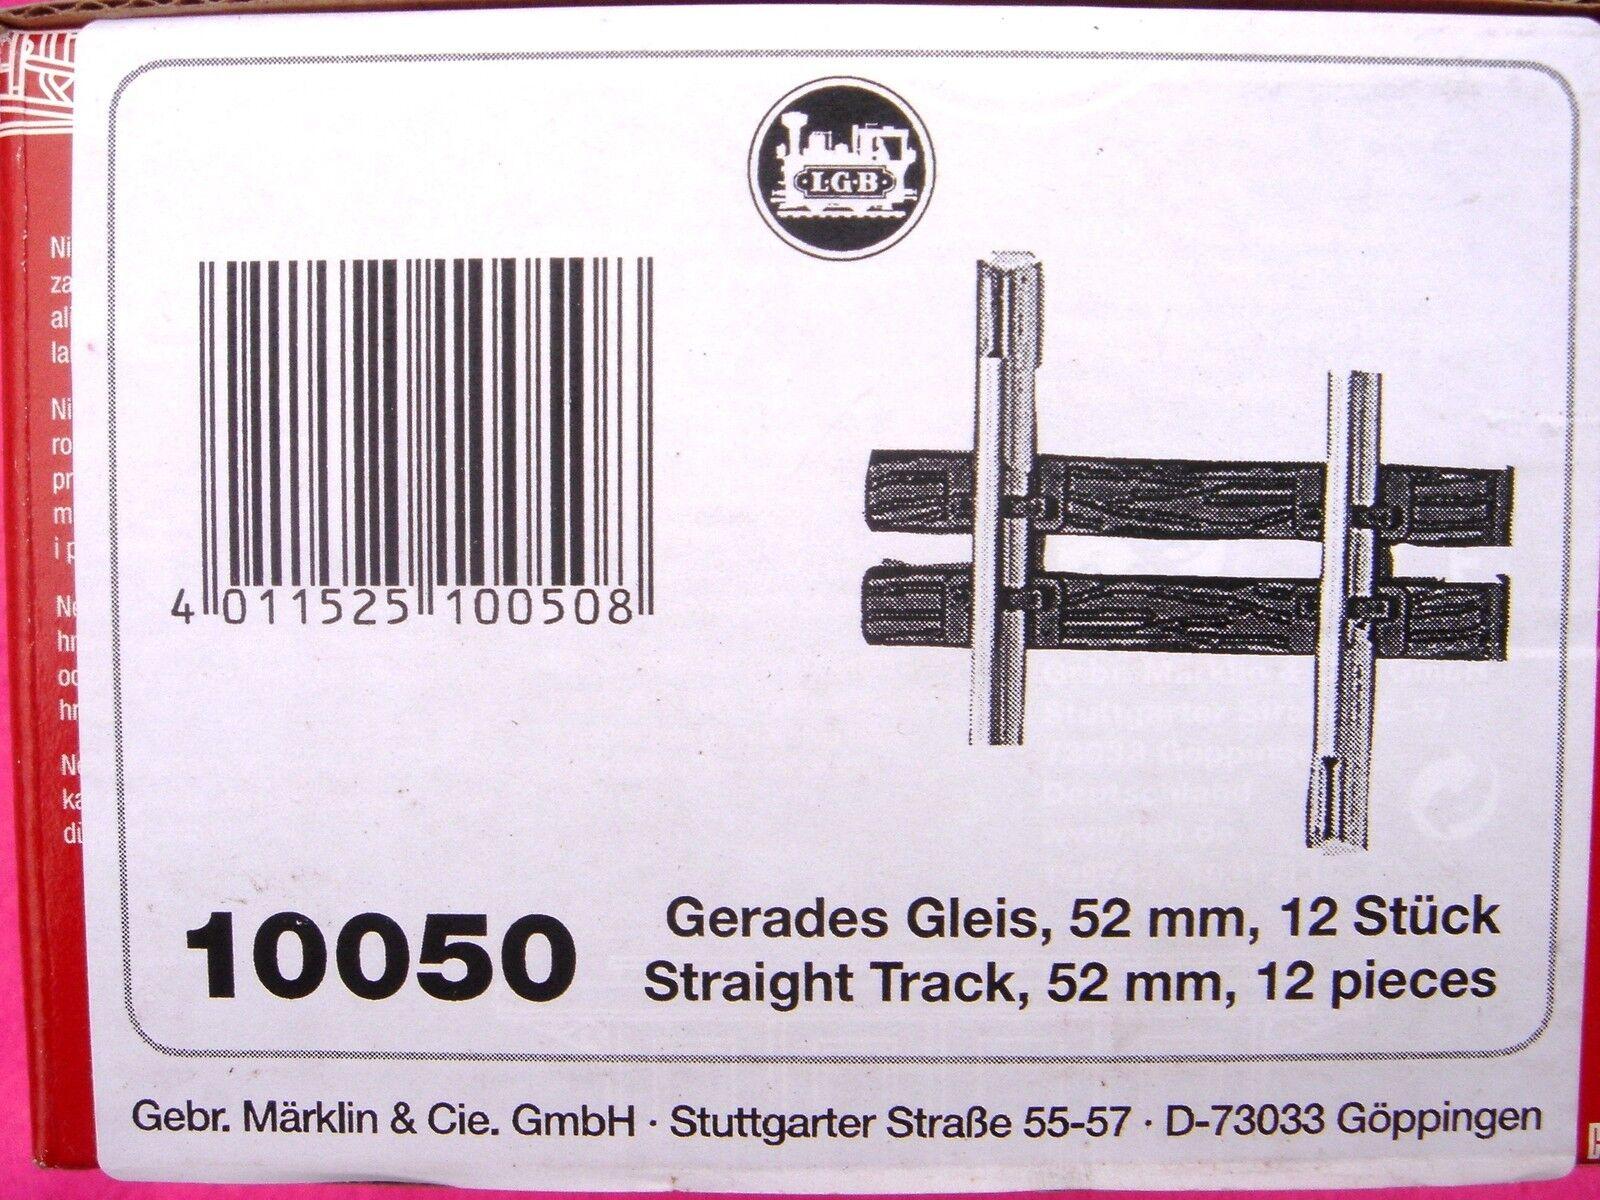 LGB 10050 G 12 PEZZI RETTILINEO binario 52 mm-NUOVO (PEZZI ) NUOVO